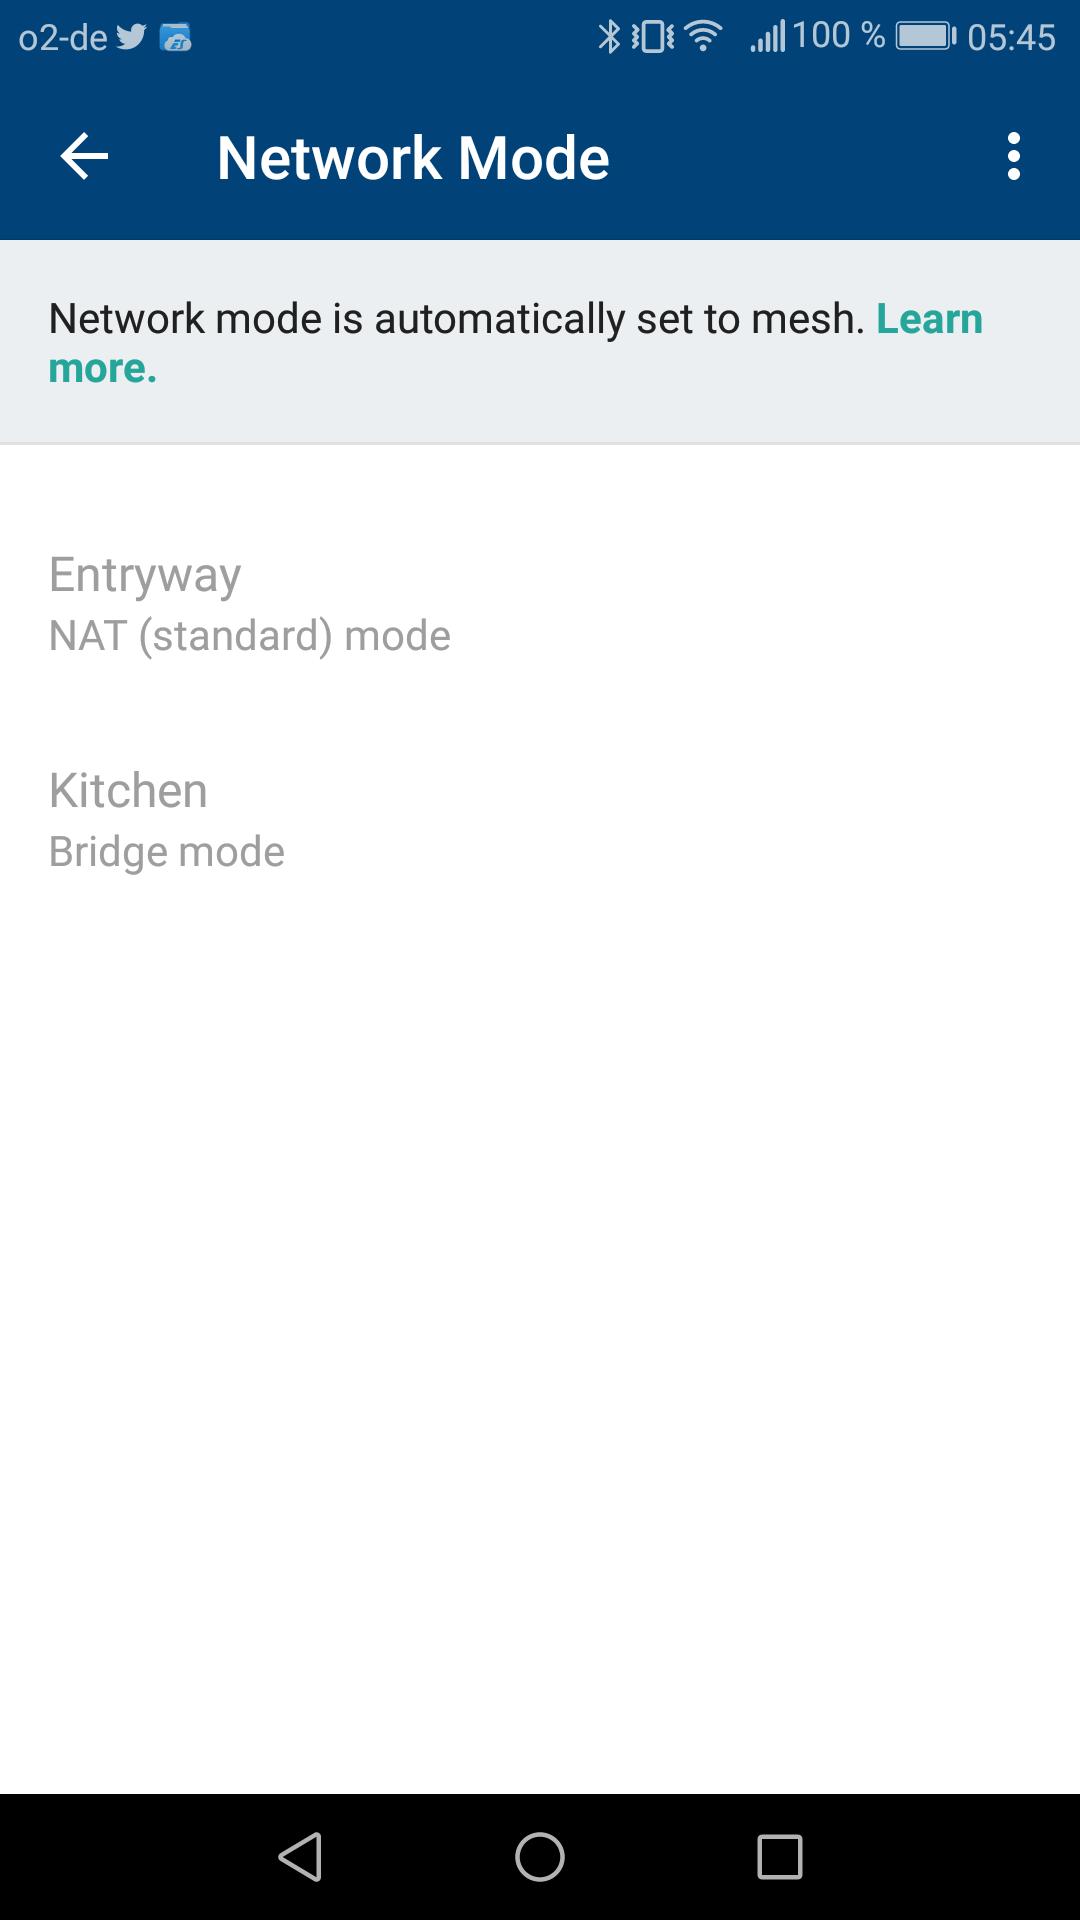 Google Wifi im Test: Google mischt mit im Mesh - Im Mesh-Netzwerk wird der Netzwerk-Modus automatisch gesetzt. (Google/Screenshot: Golem.de)